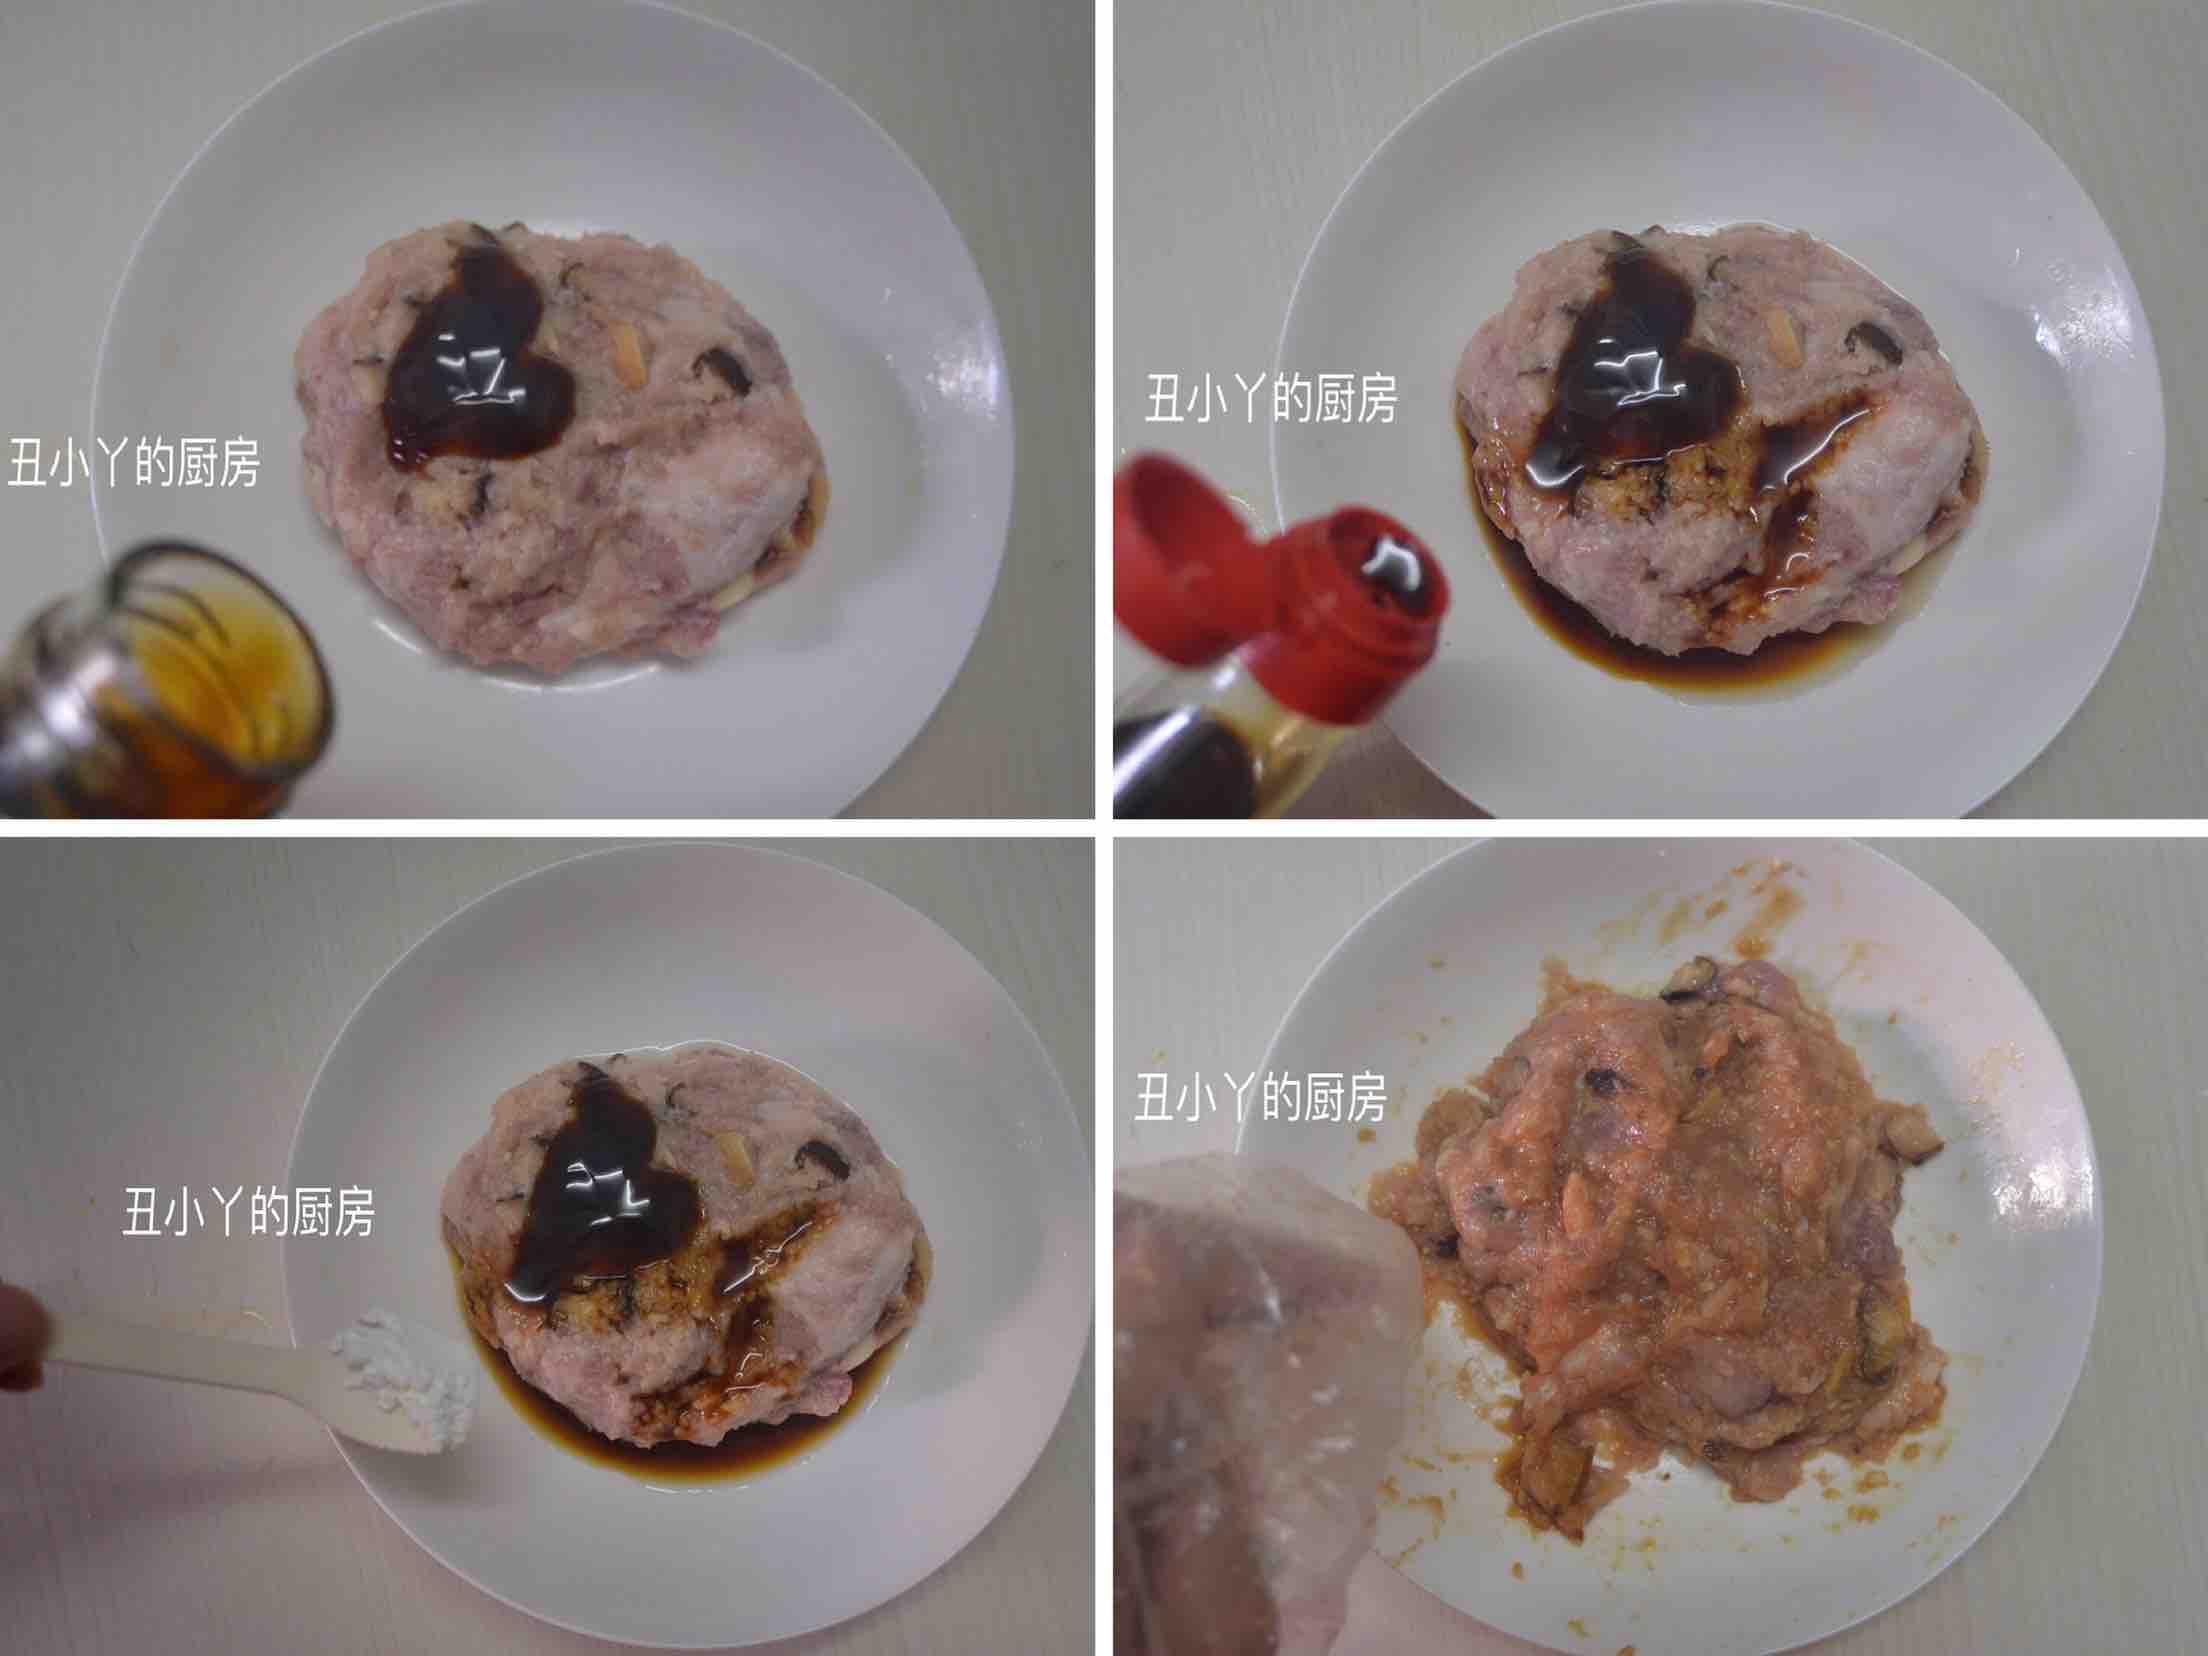 红萝卜+山药+马蹄蒸肉饼+蒸蛋的家常做法